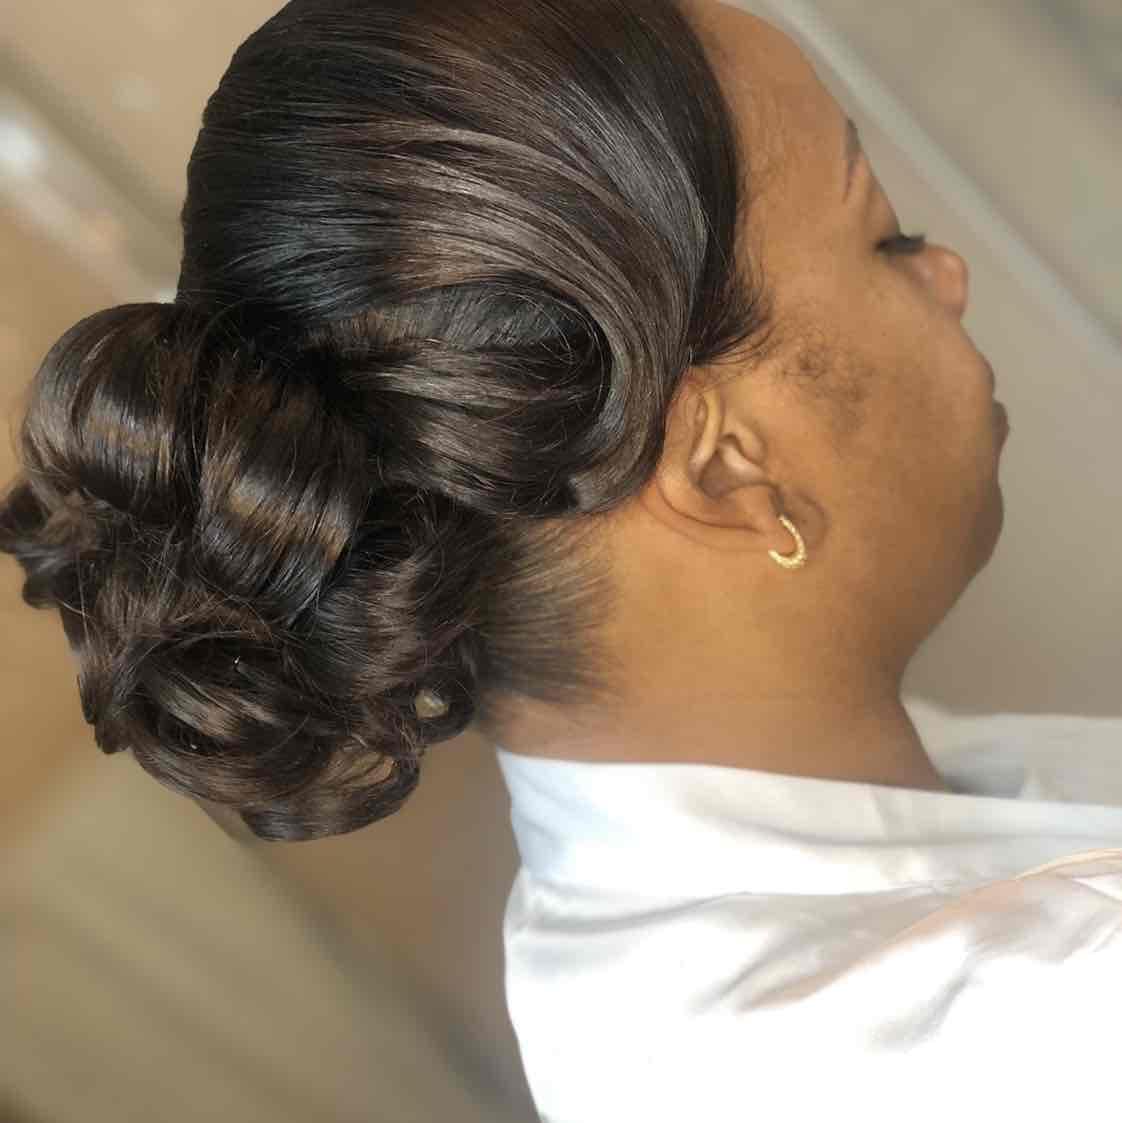 salon de coiffure afro tresse tresses box braids crochet braids vanilles tissages paris 75 77 78 91 92 93 94 95 JOTIOPVX